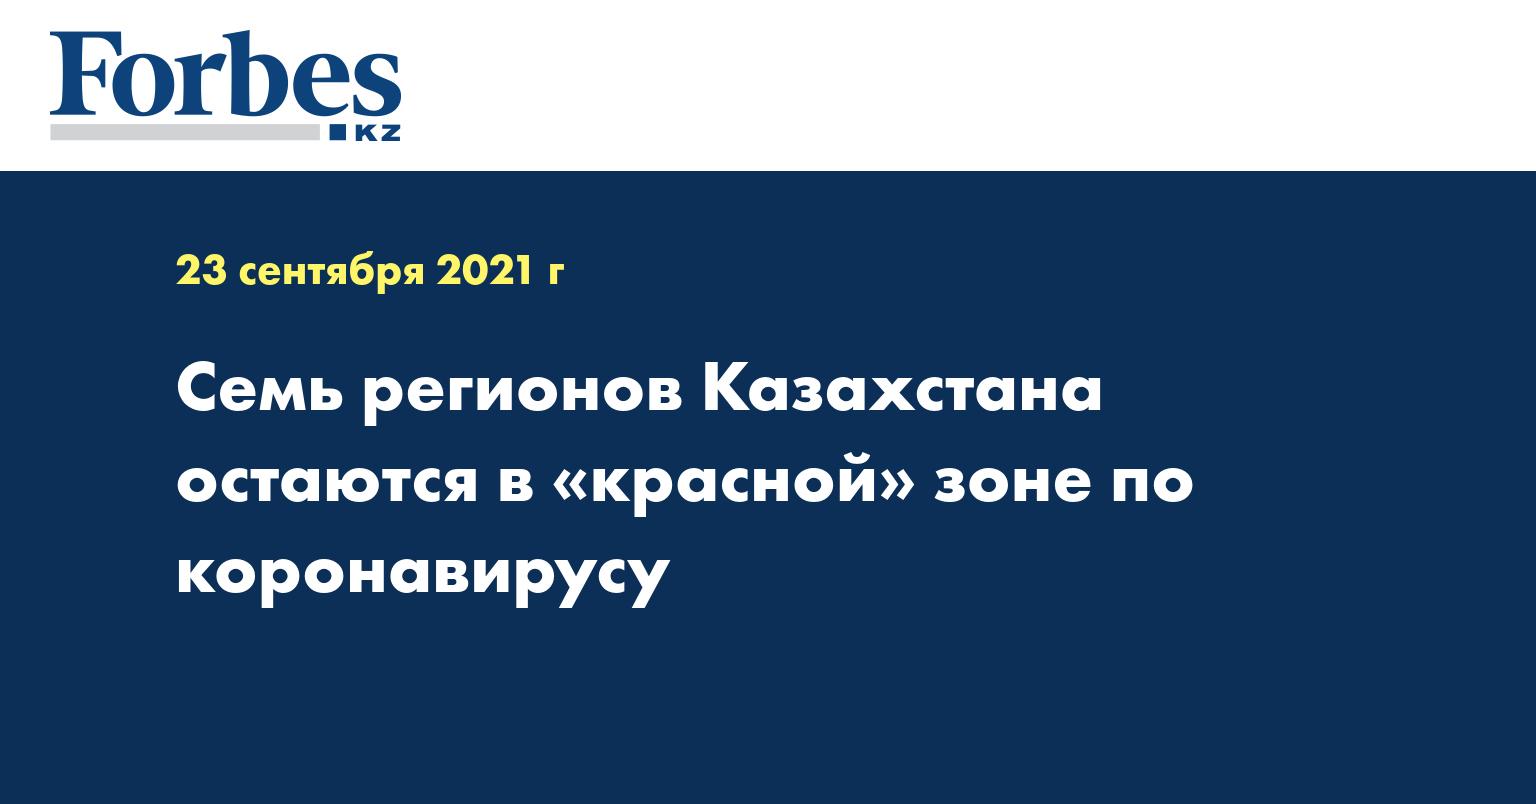 Семь регионов Казахстана остаются в «красной» зоне по коронавирусу